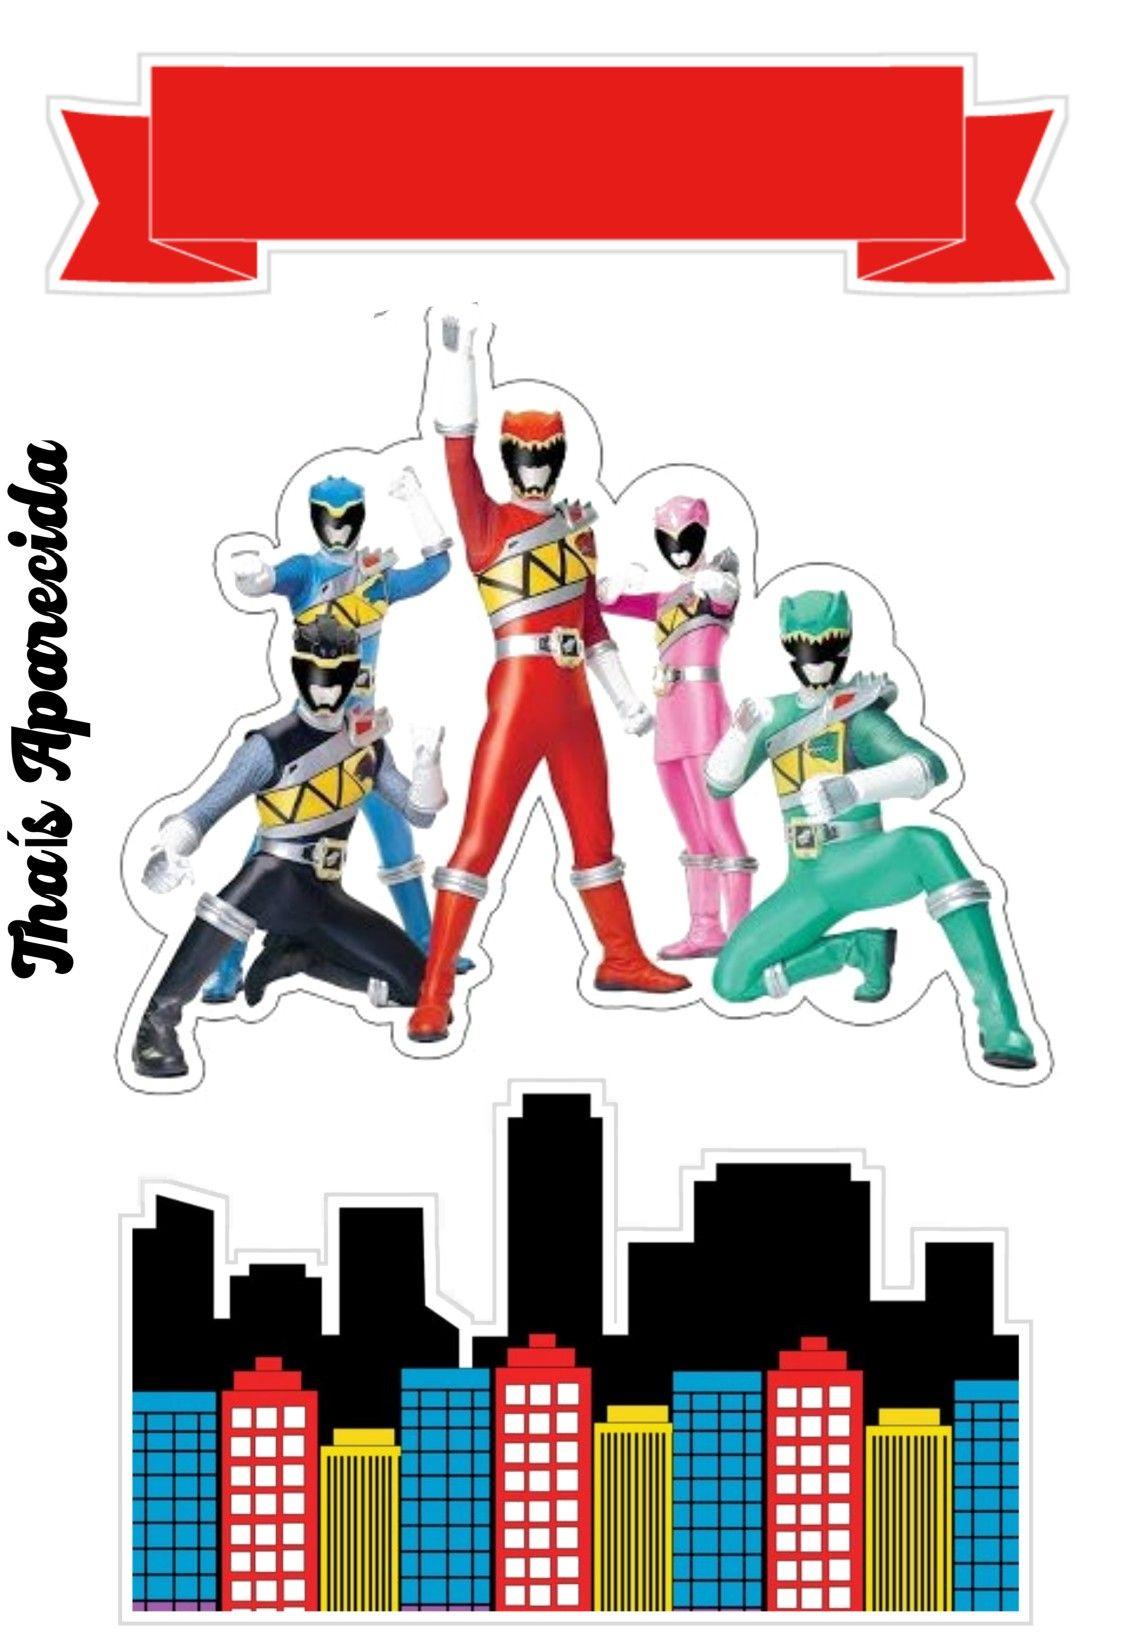 Topper Pawer Ranger Aniversario De Power Ranger Festa De Arte Infantil Pawer Rangers